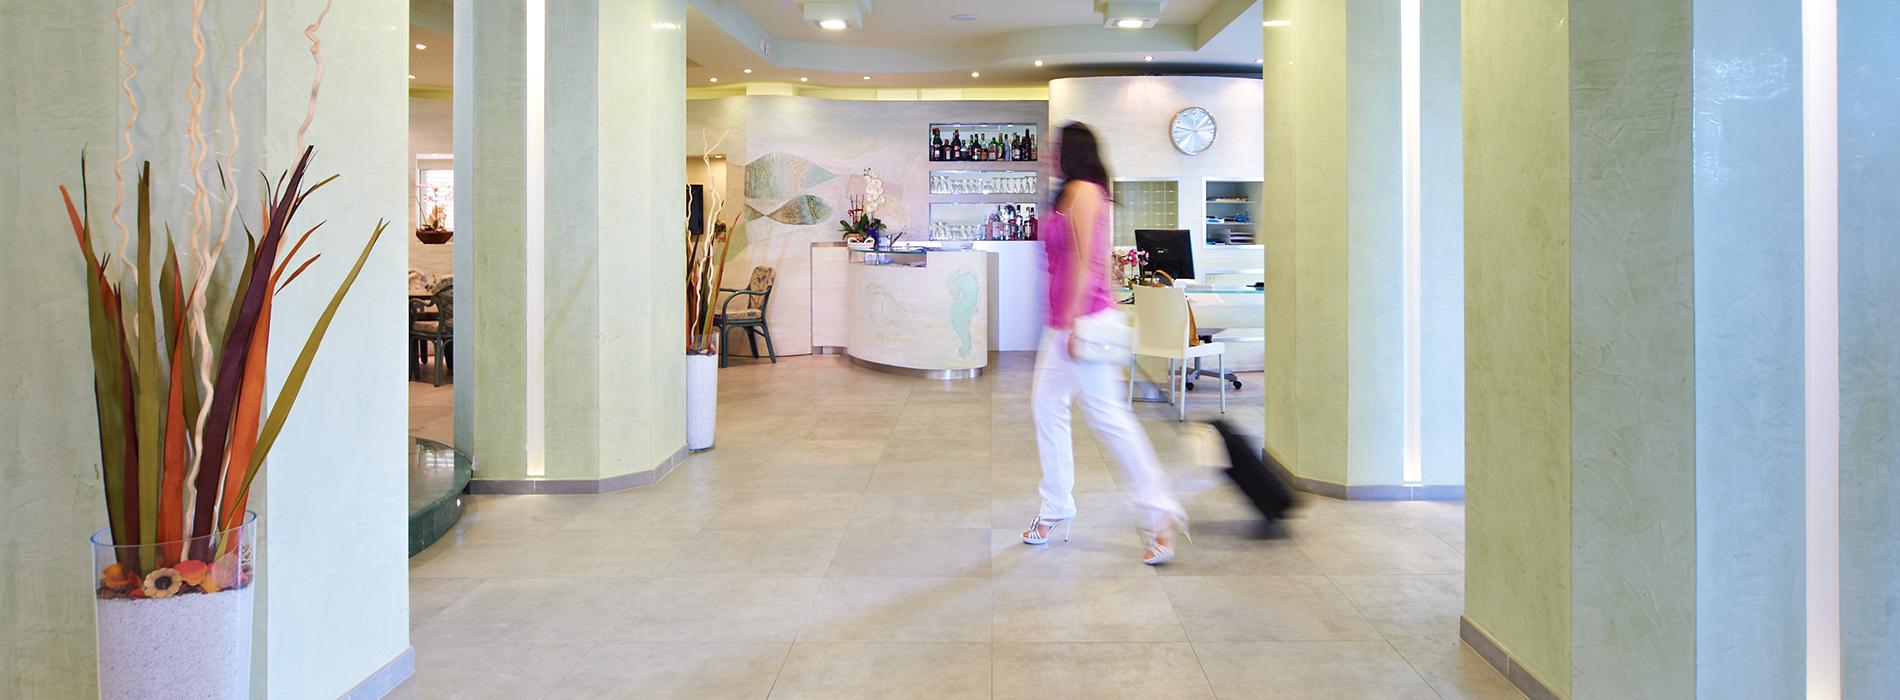 Foto della reception - nHotel Sirio a Lido di Camaiore in Versilia, Toscana